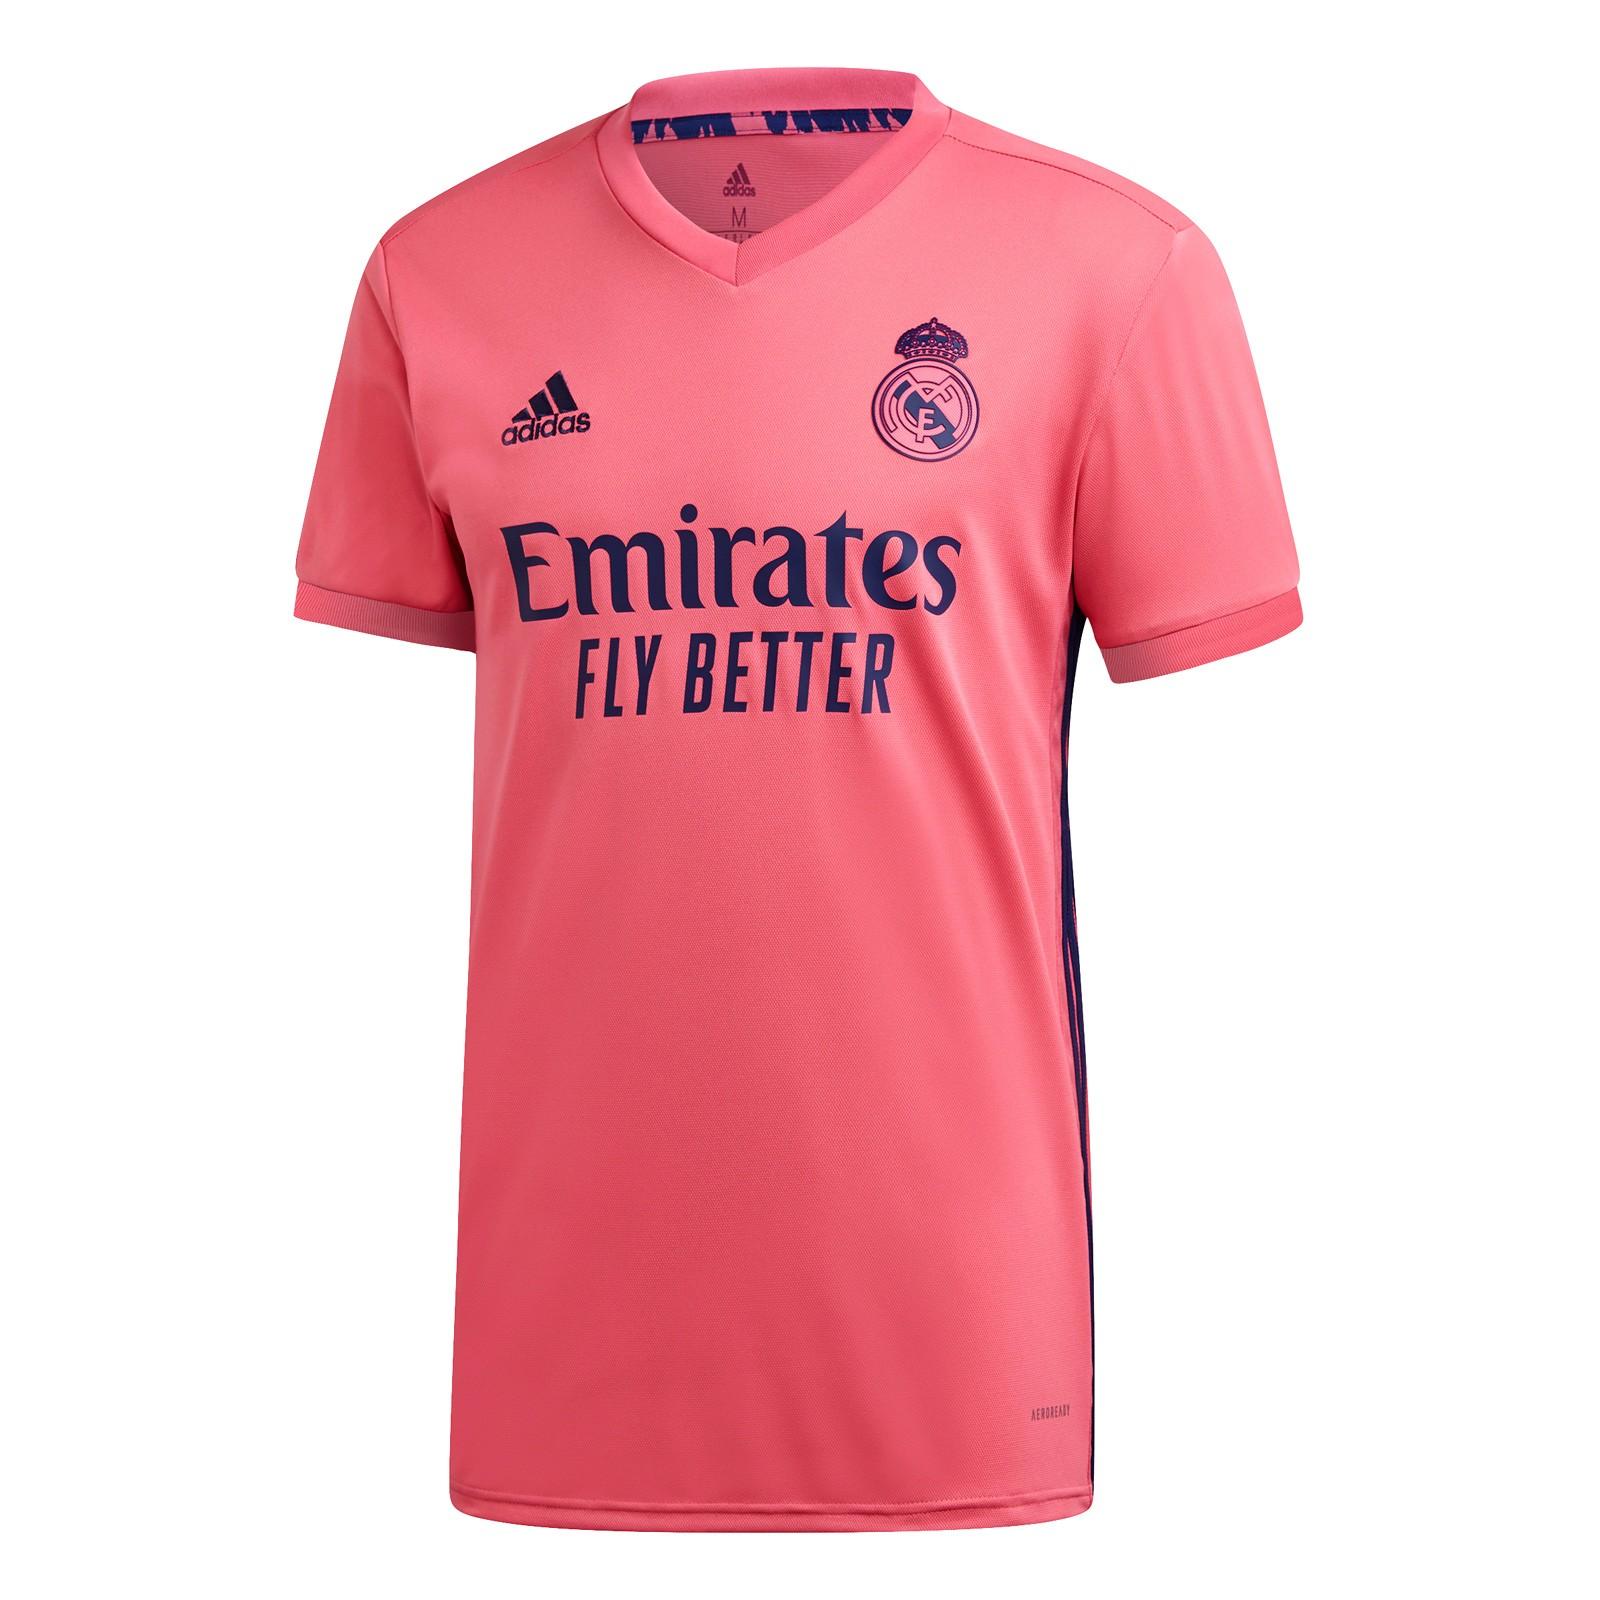 皇家马德里2020-21赛季球迷版客场球衣